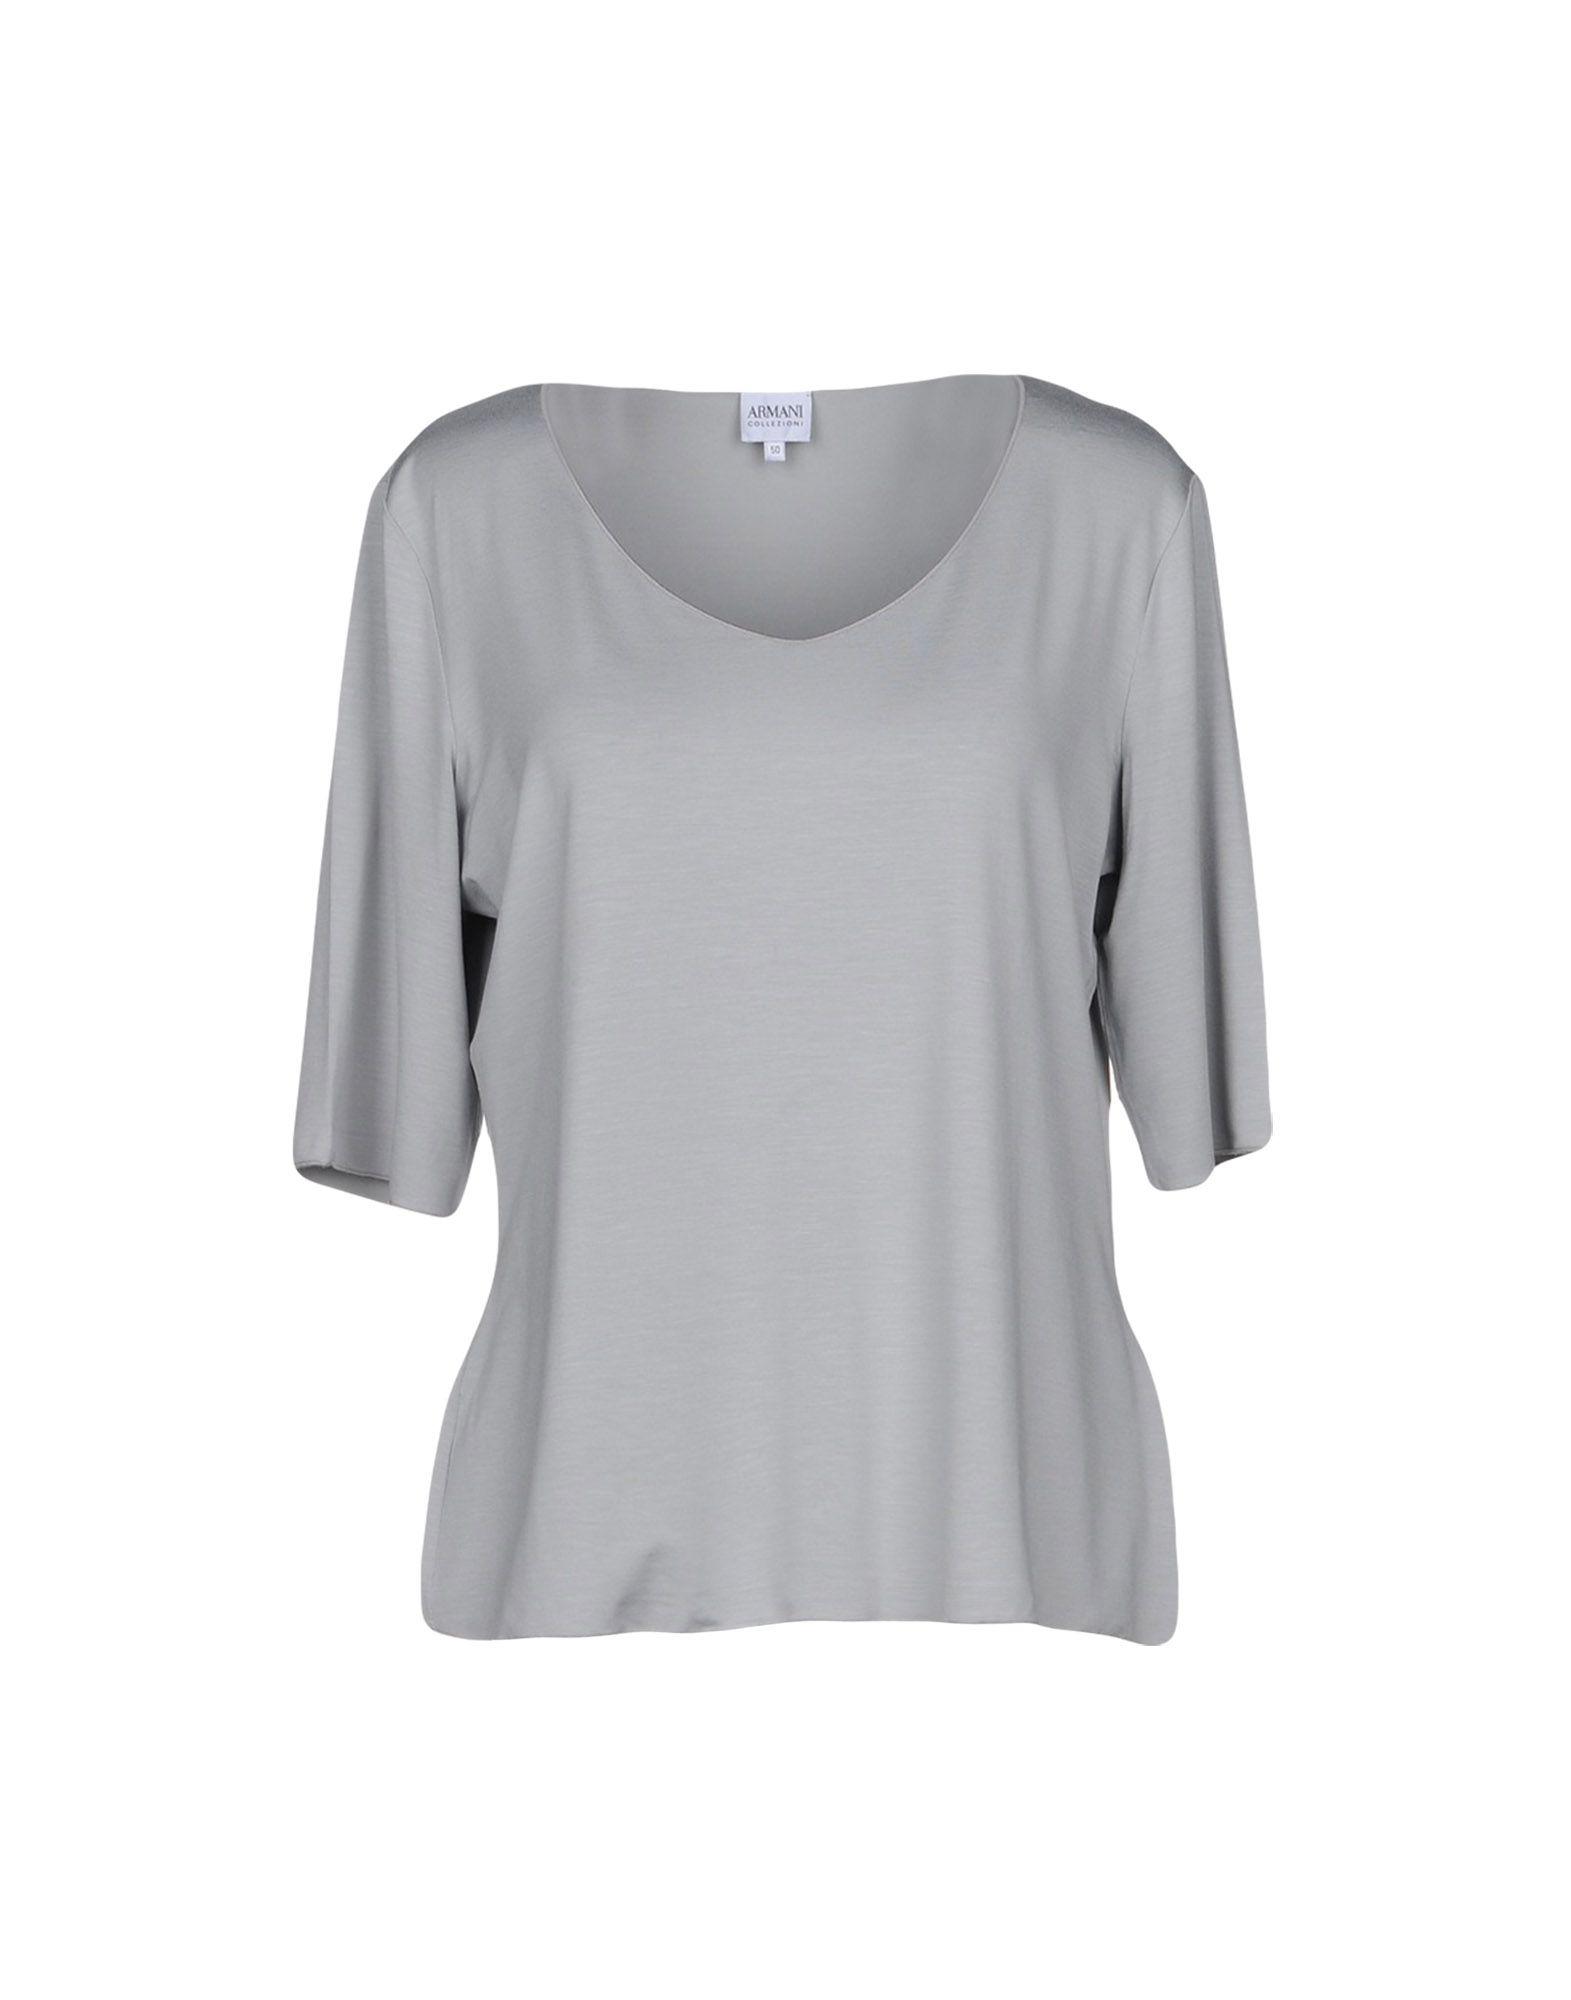 Ligne shirt En Armani Les Collections T Pour FemmesBoutique ZXiuPkwOT